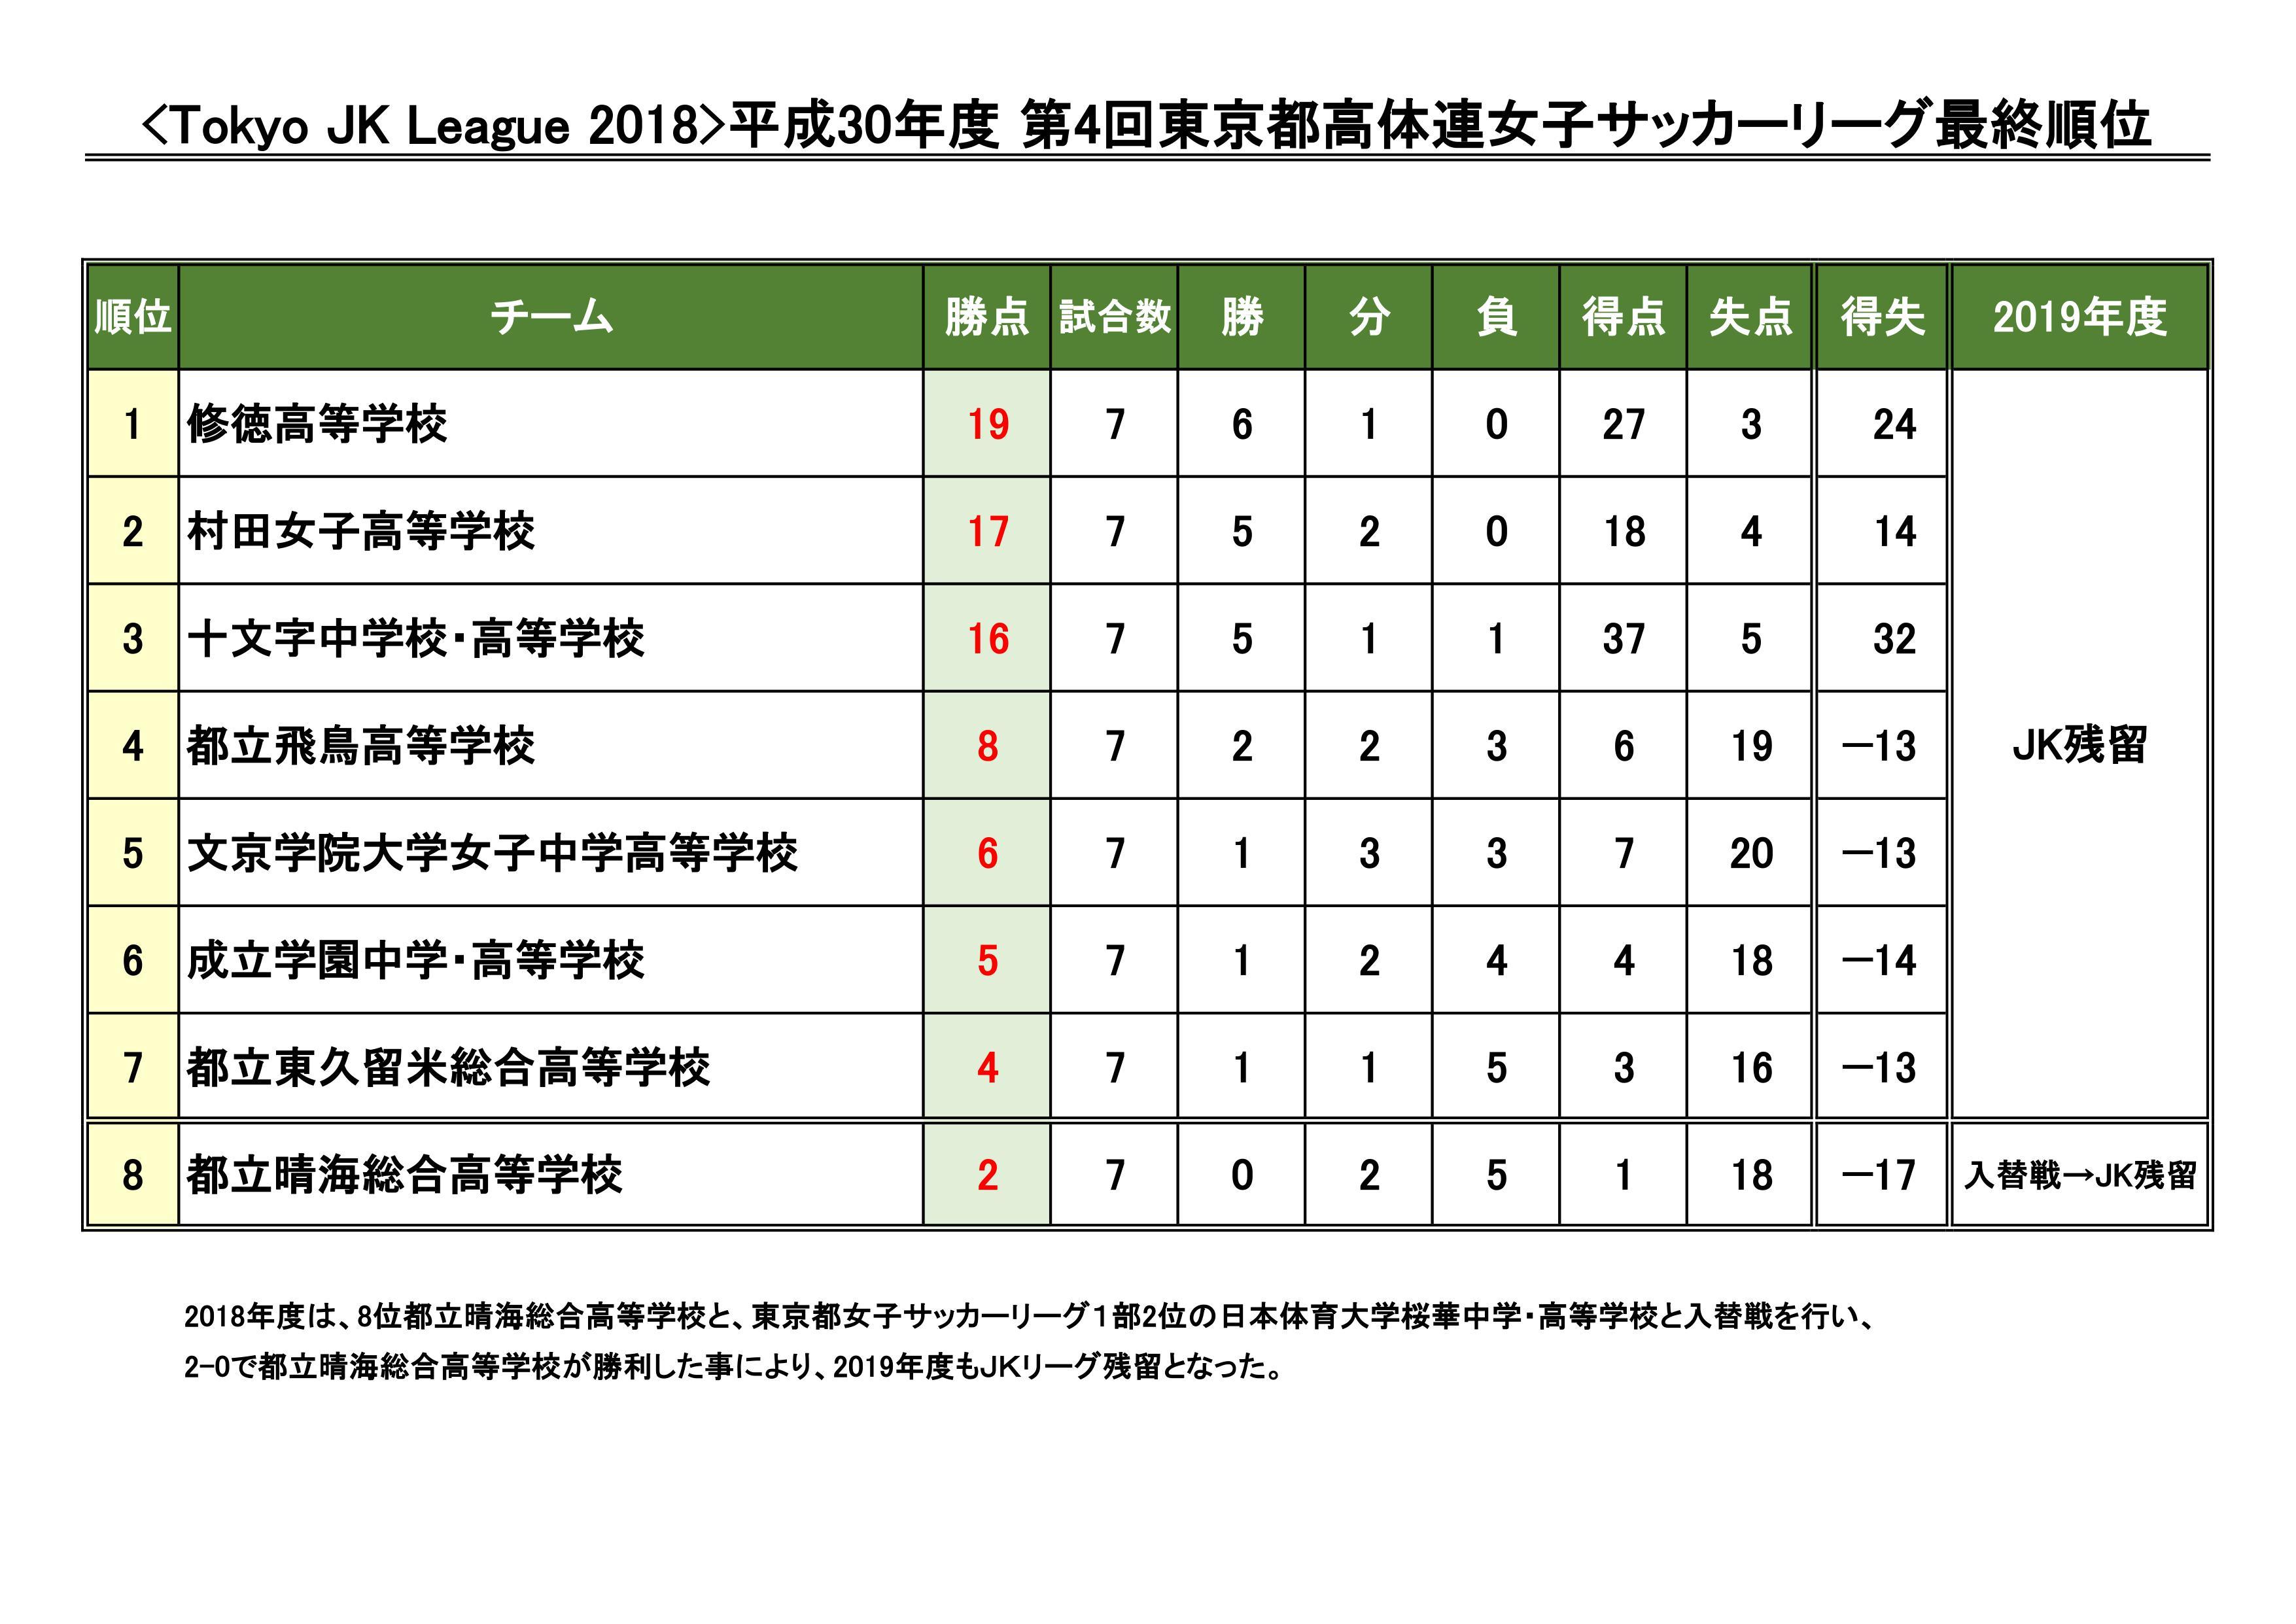 東京 都 女子 サッカー リーグ